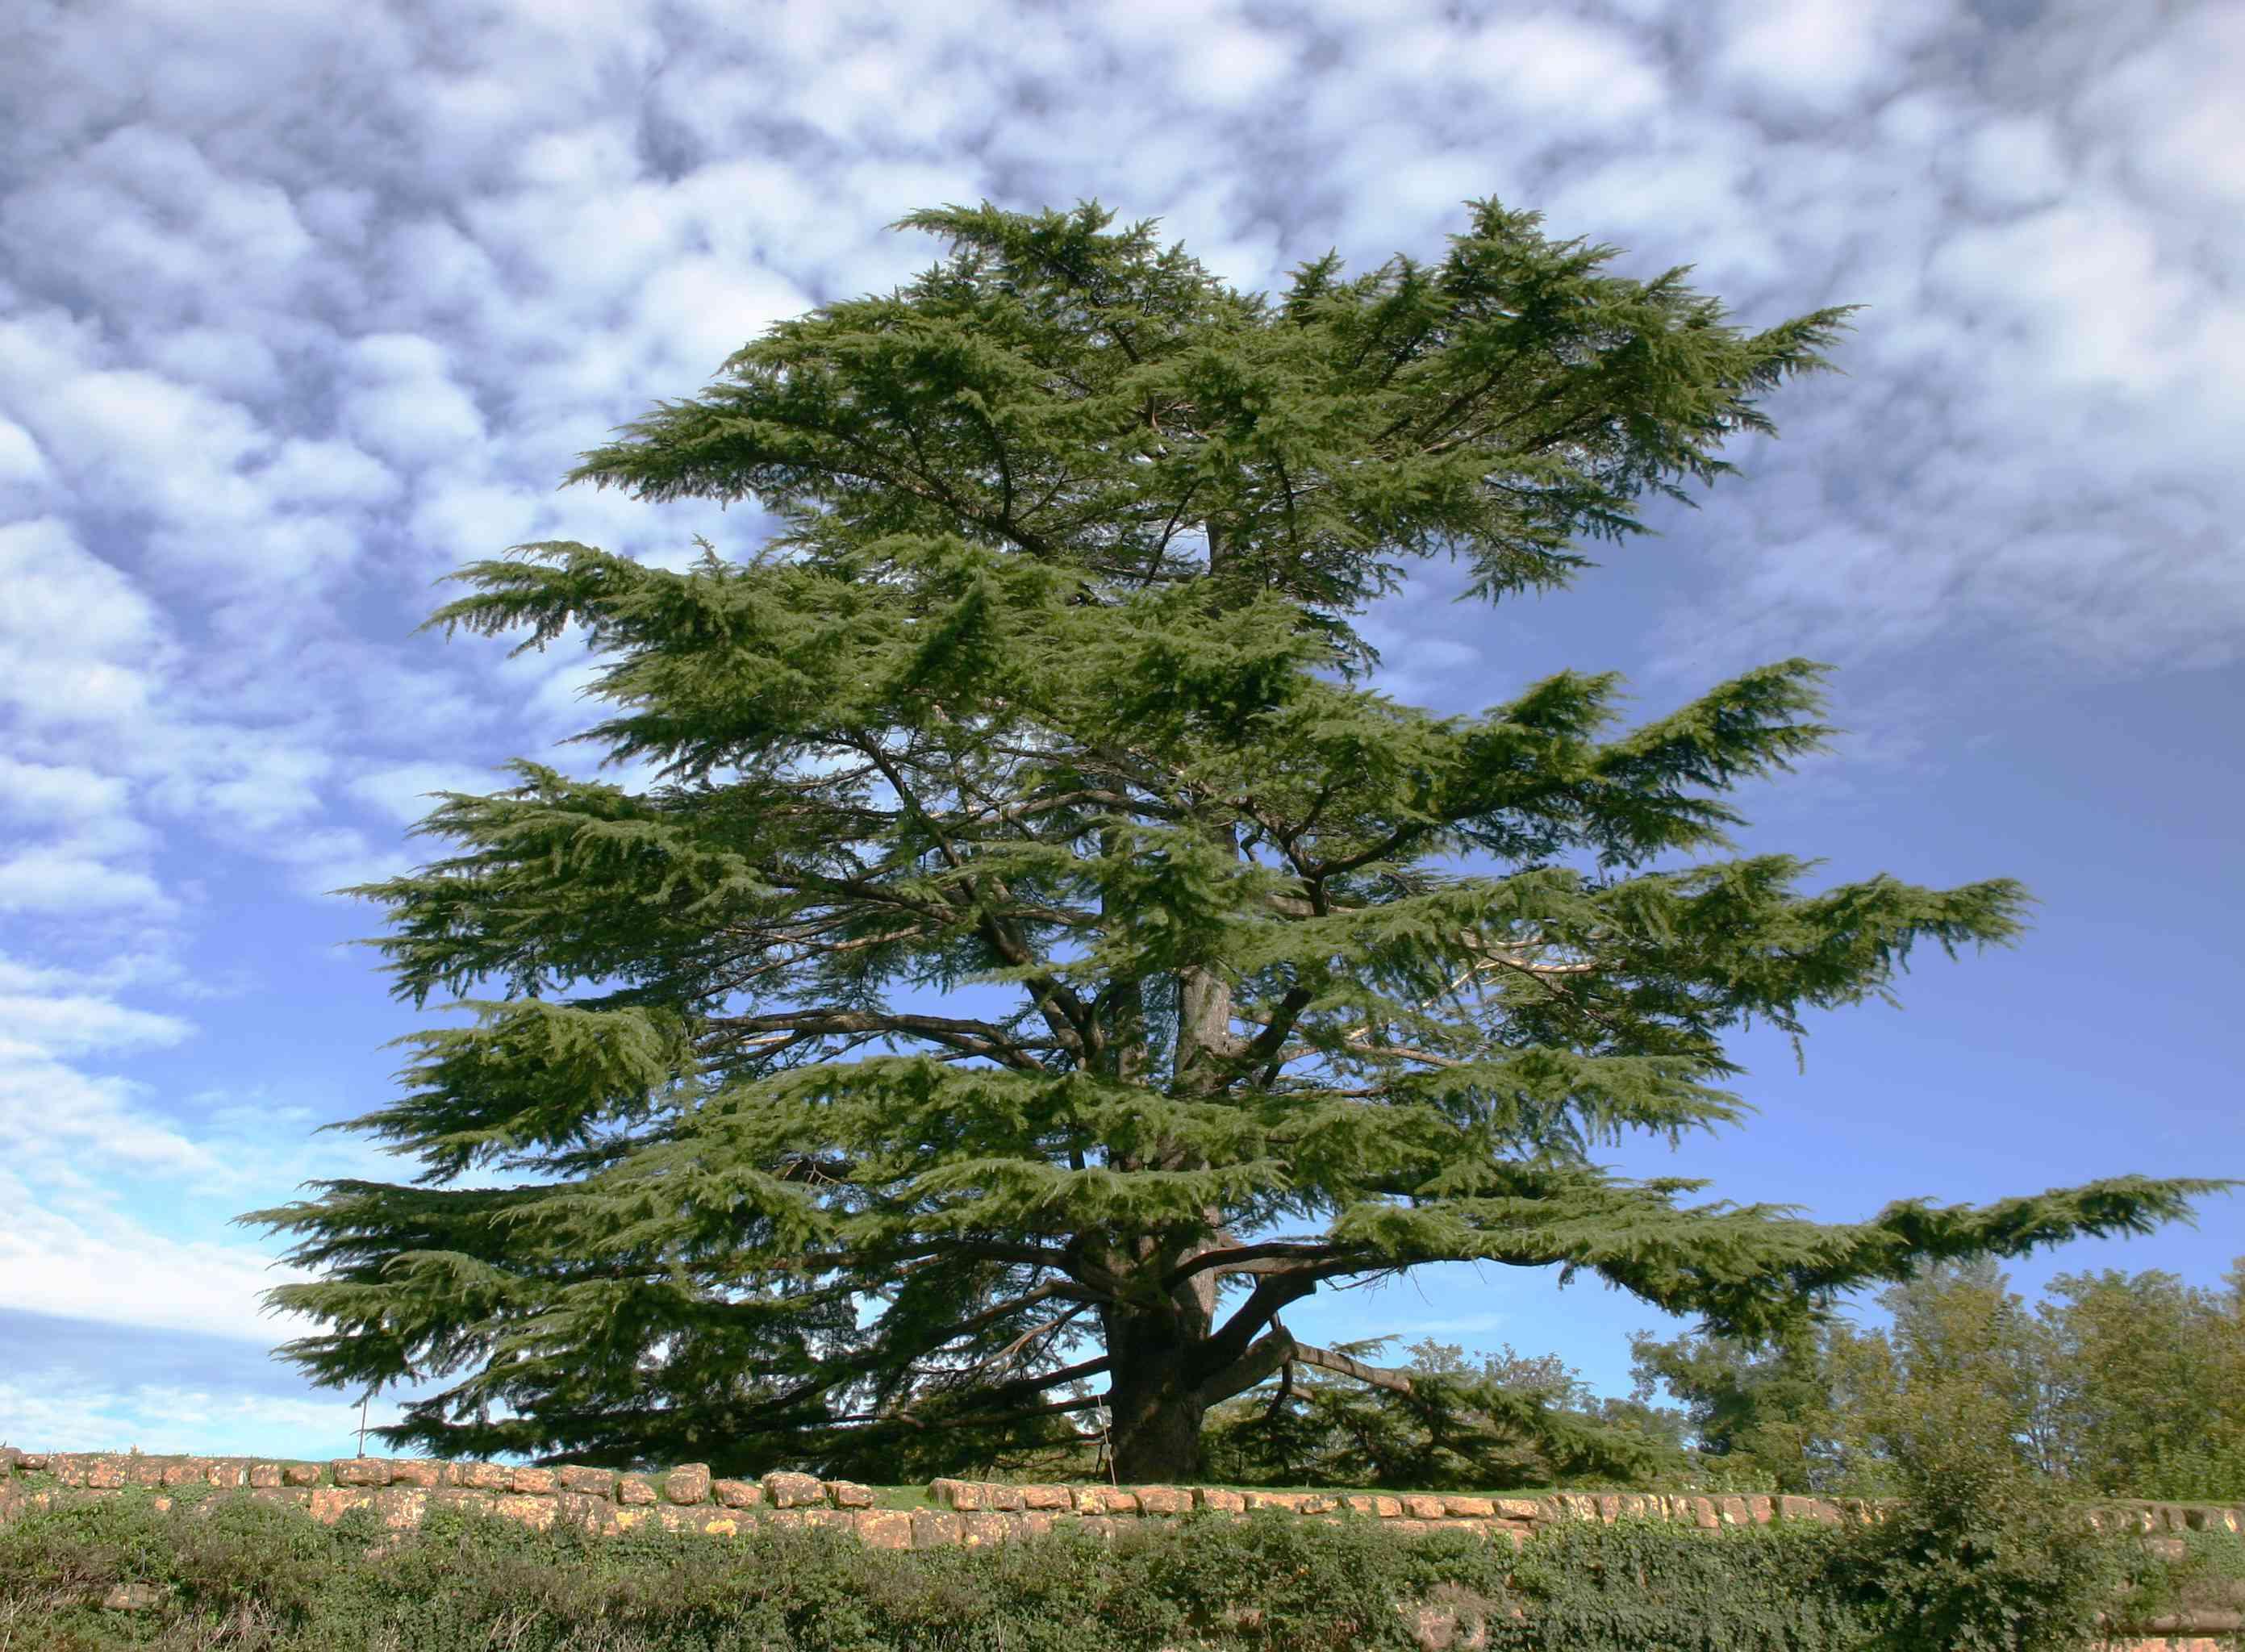 A single cedar tree in Lebanon against a blue cloudy sky.